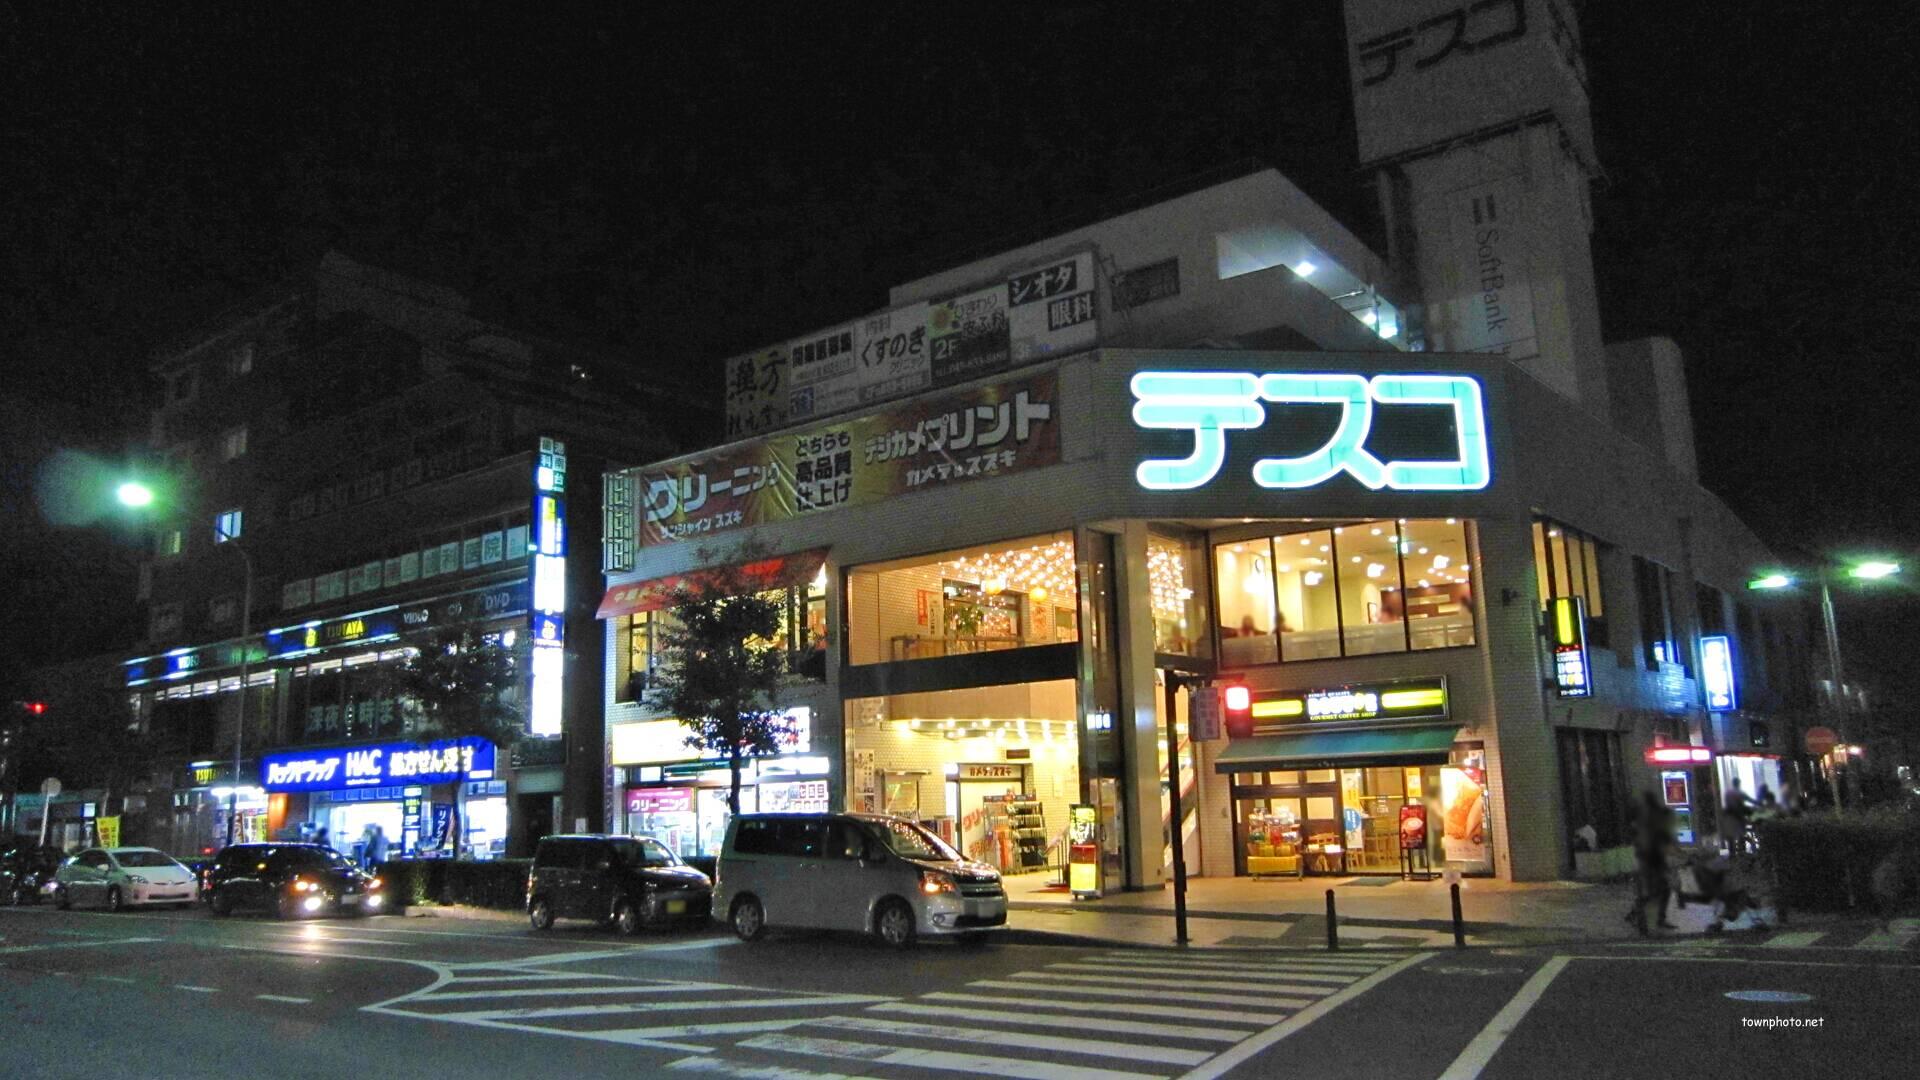 http://townphoto.net/kanagawa/knd/knd09.jpg